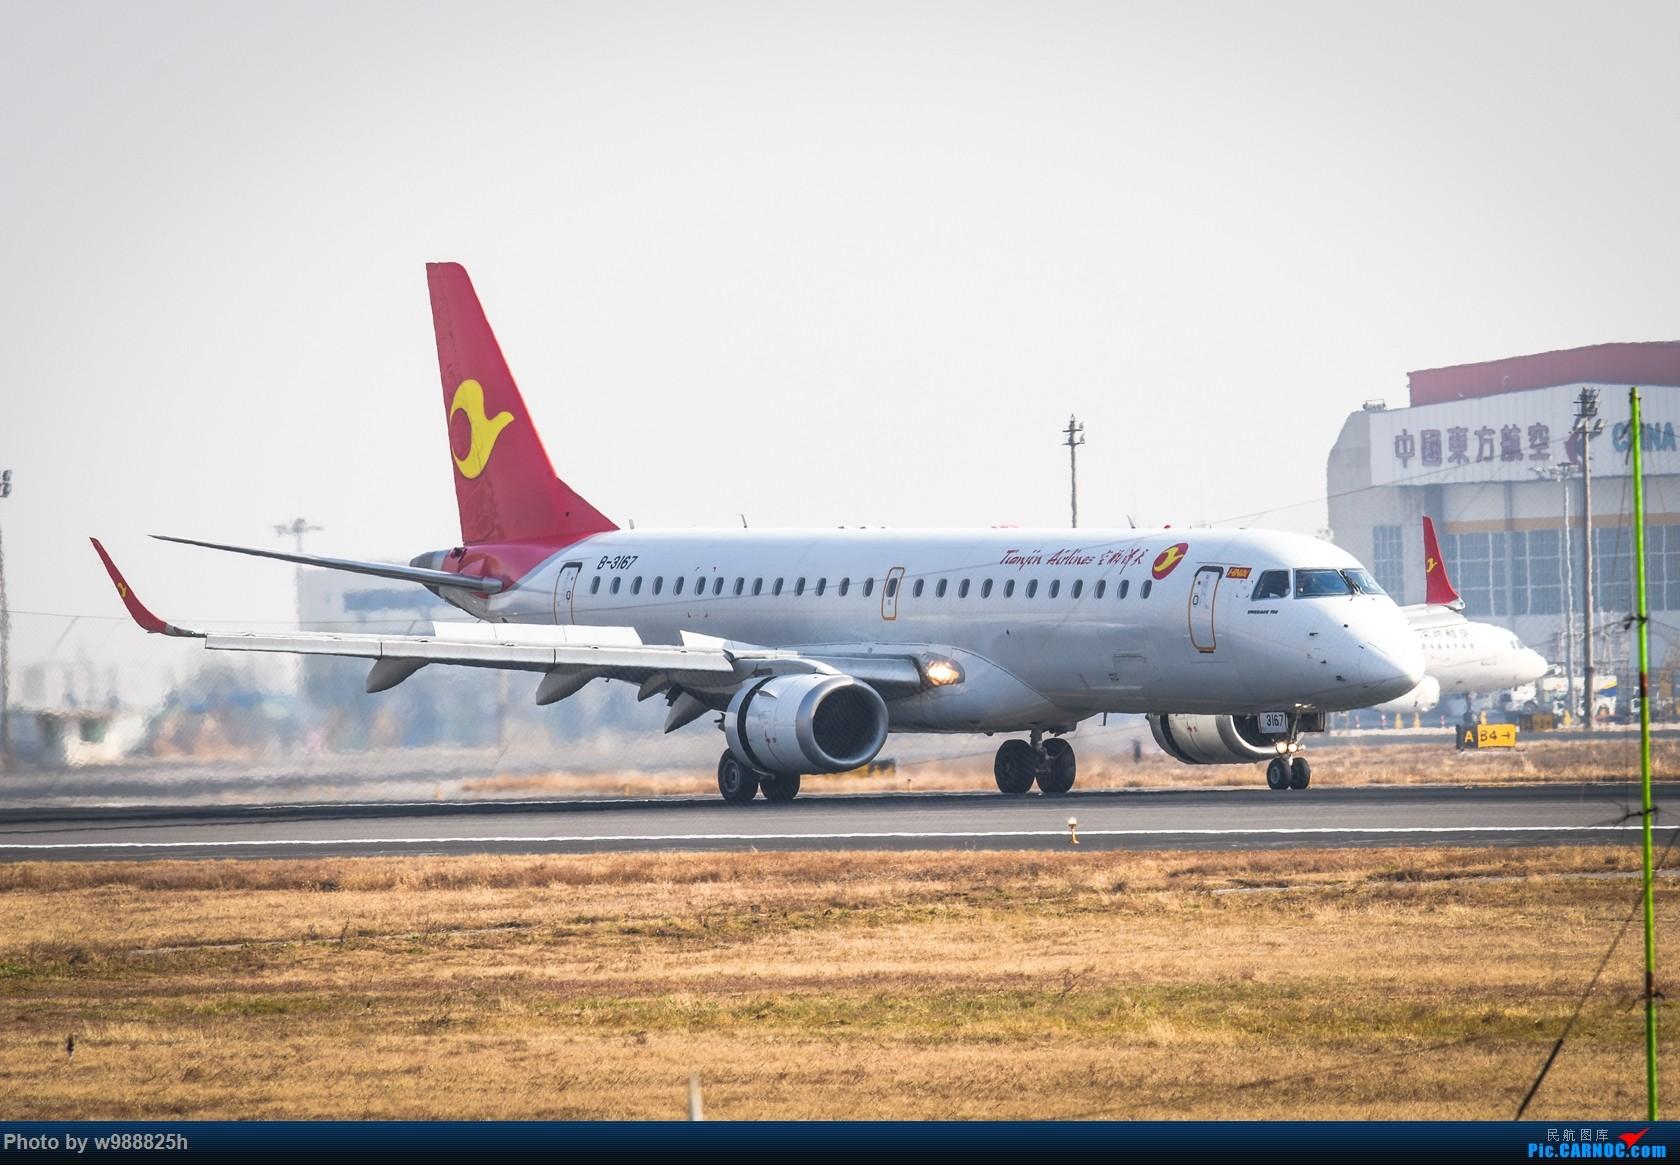 Re:[原创]【西安土著】换机后XIY首拍 就当提前给四千万庆功了 EMBRAER E-190 B-3167 中国西安咸阳国际机场